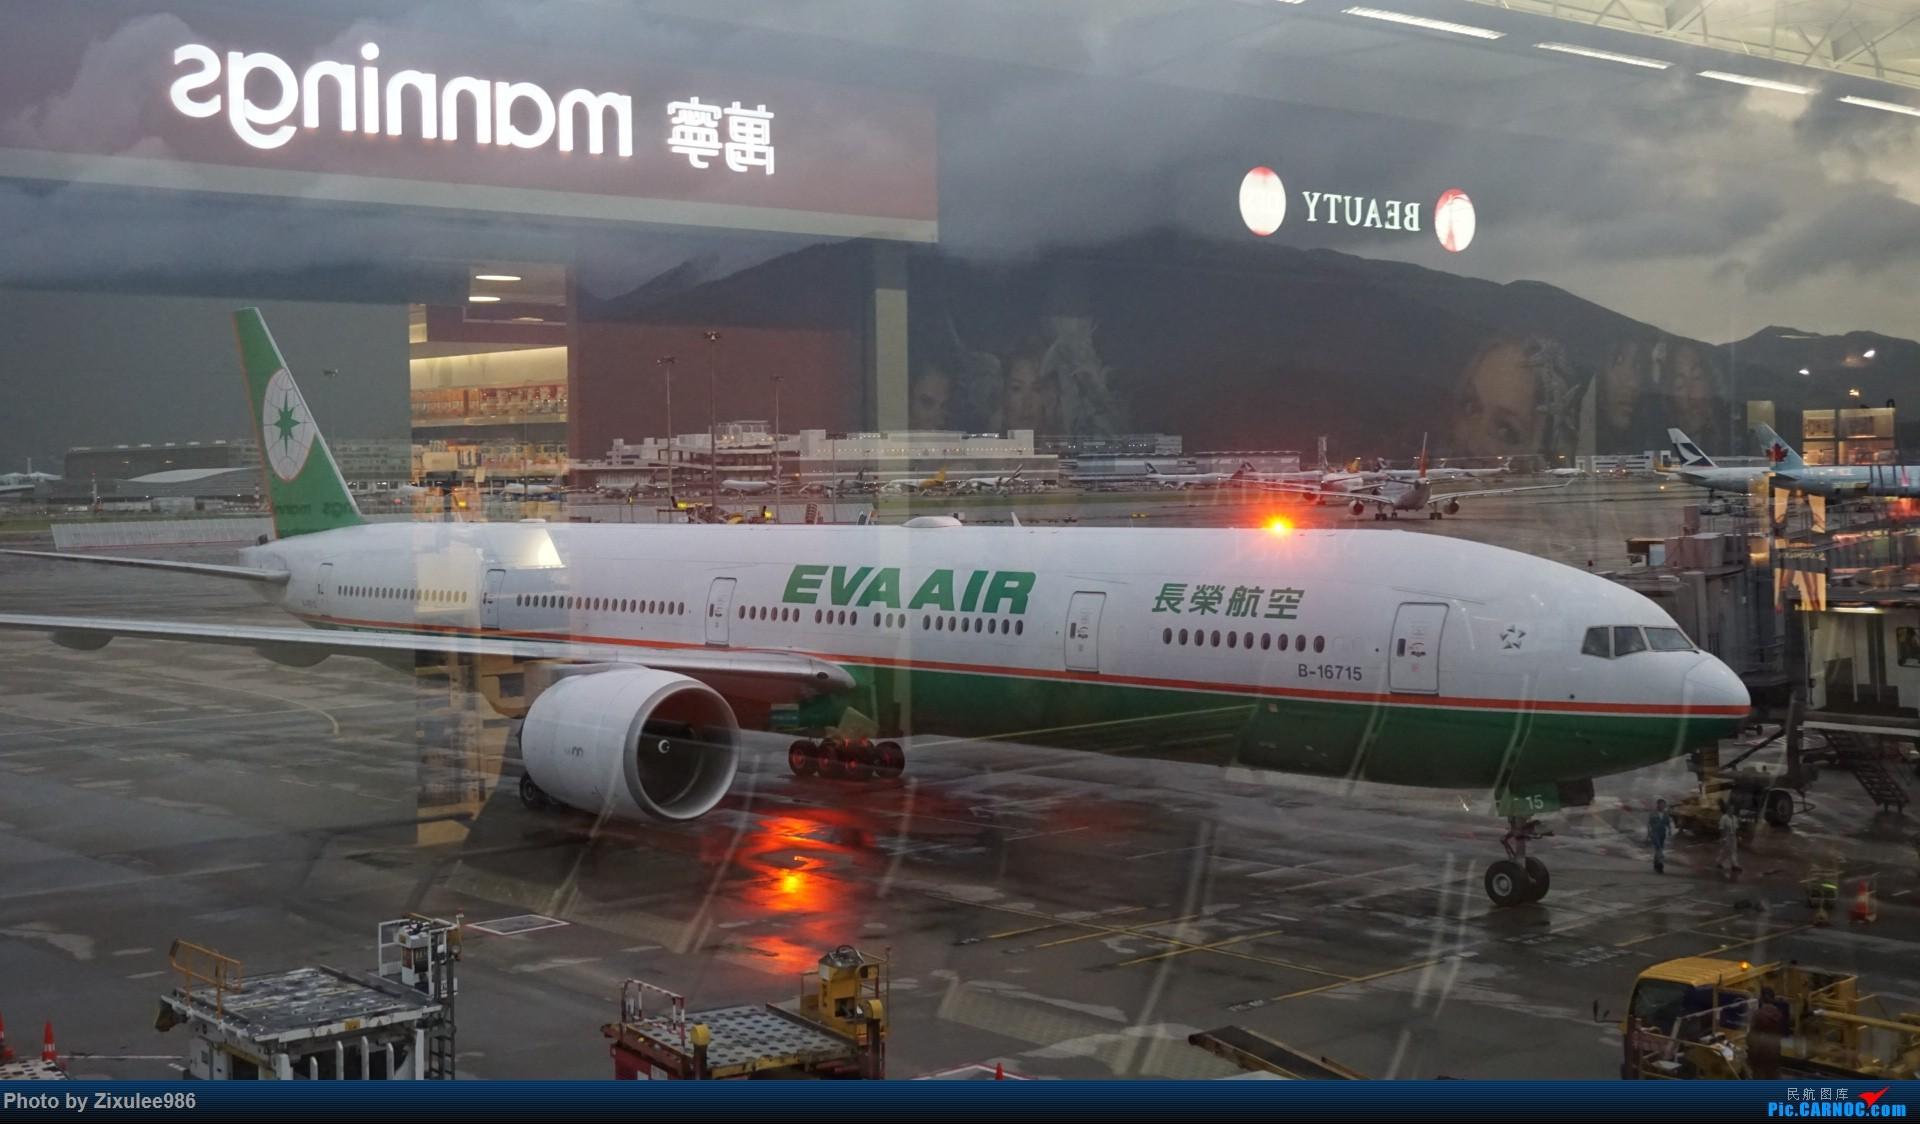 [原创]台湾长荣航空公司 B-16715 Boeing777-35E(ER)有闪灯,拍摄于HKG BOEING 777-35E(ER) B-16715 中国香港国际机场